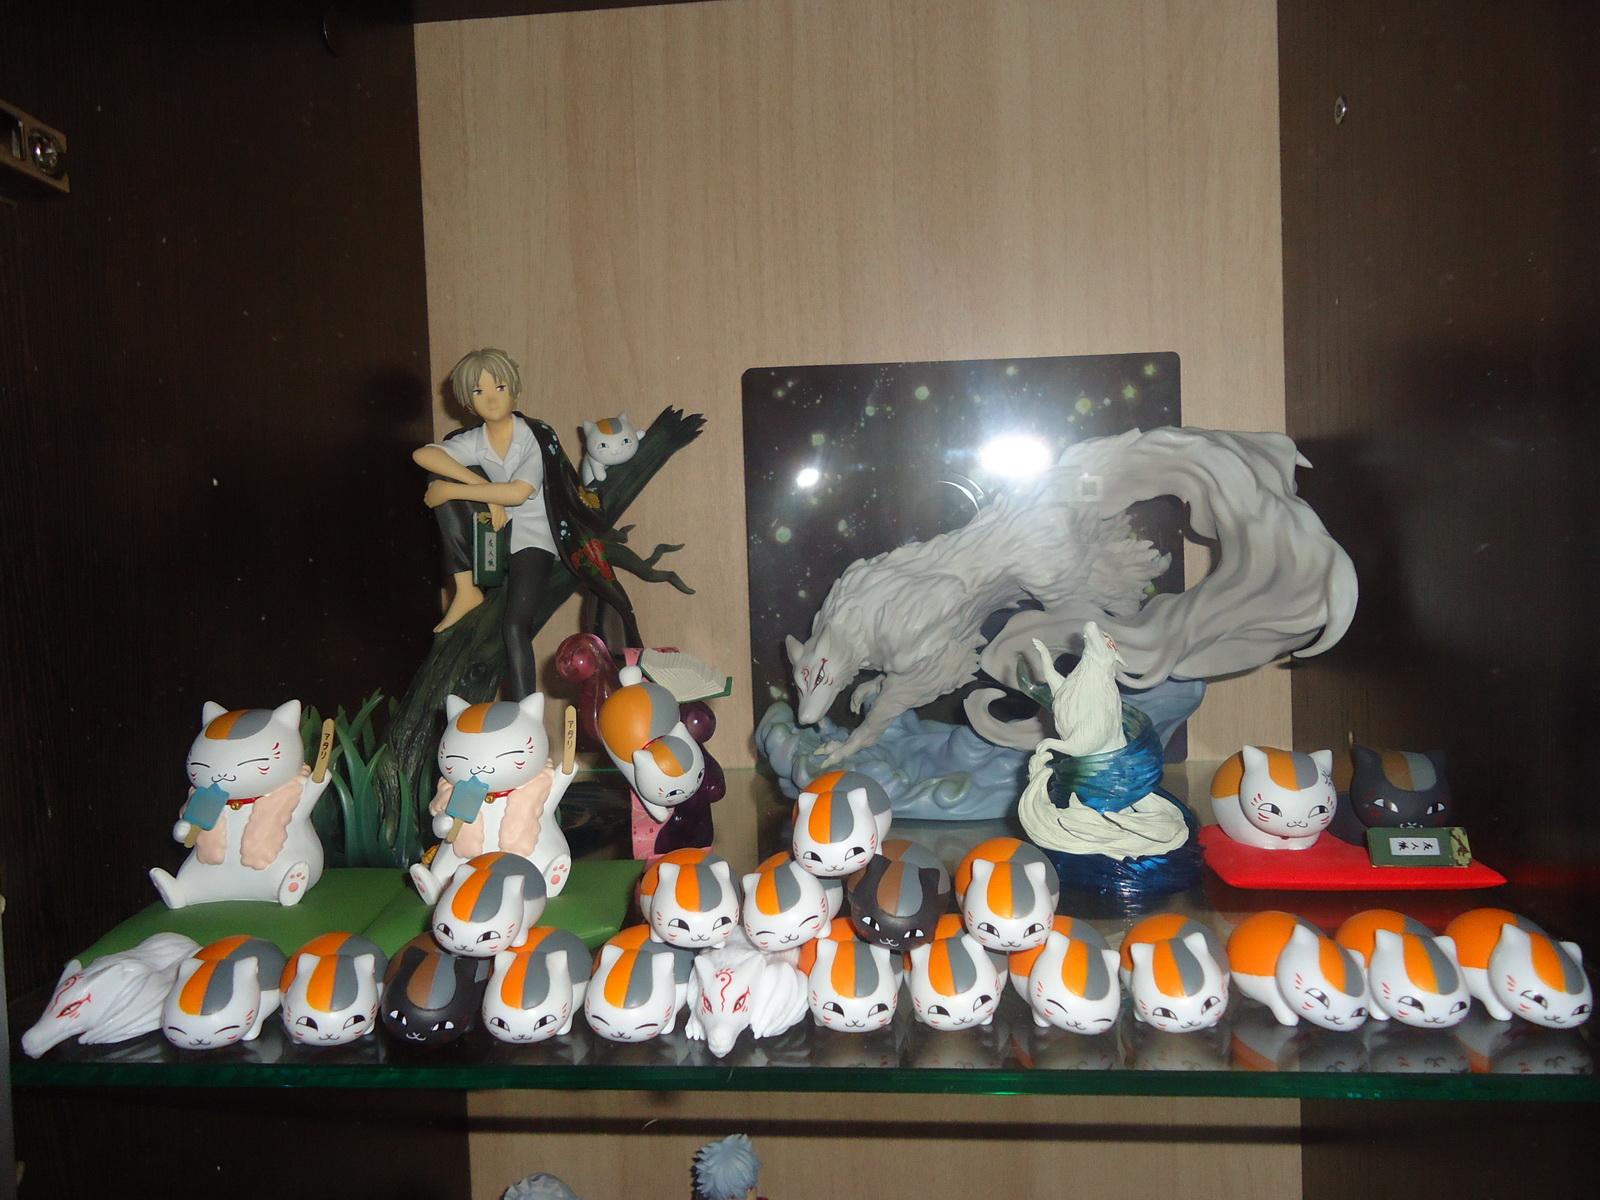 alter banpresto natsume_yuujinchou natsume_takashi plex ichiban_kuji altair mirano madara_(nyanko-sensei) moriwaki_naoto riou_(black_nyanko) natsume_yuujinchou_san tsumicolle ichiban_kuji_natsume_yuujinchou_tribute_gallery_~under_the_stars~